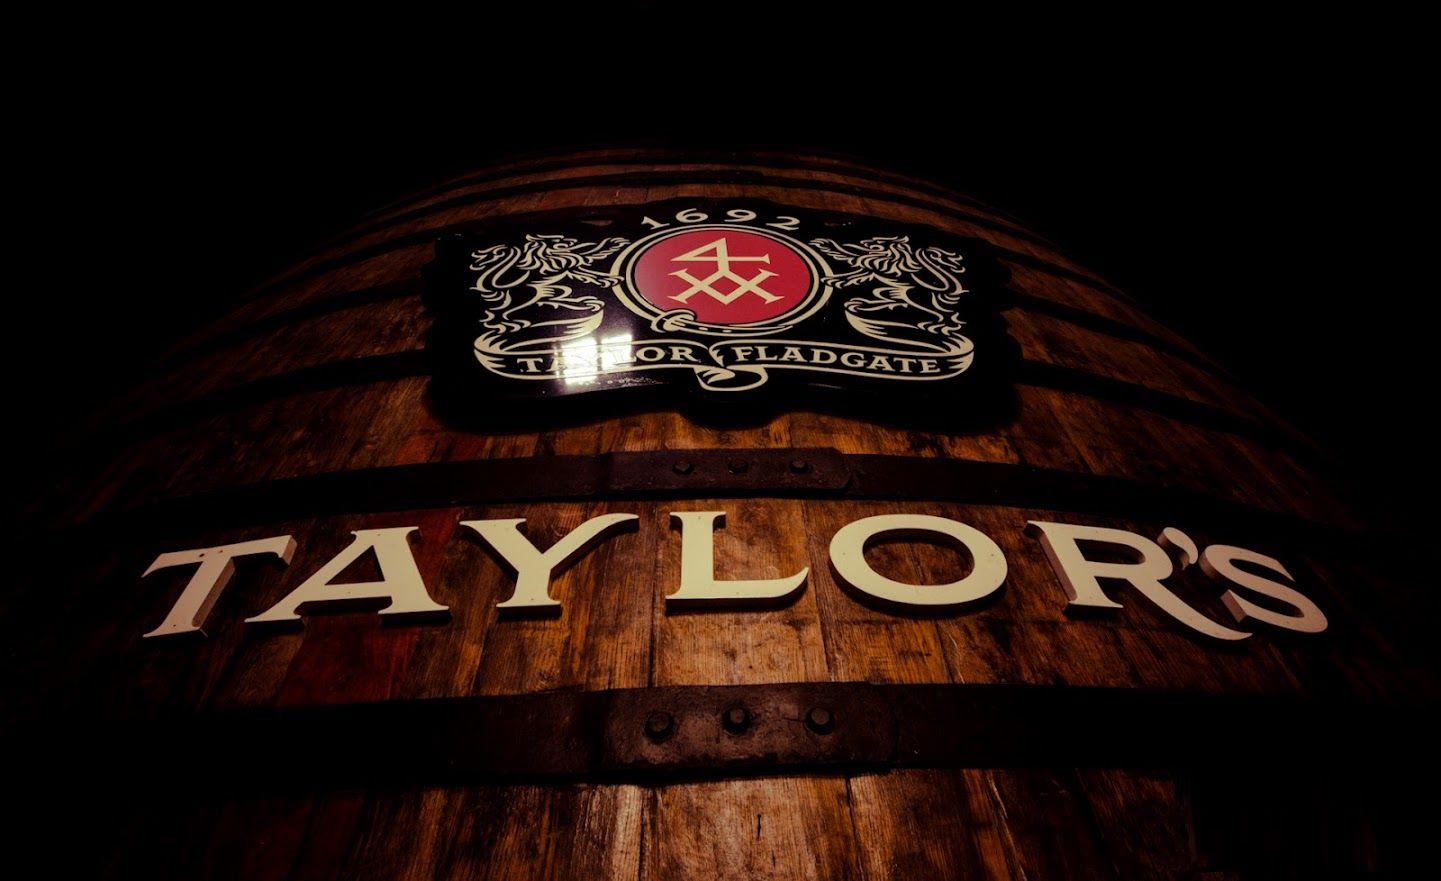 Taylors_logo_WineFolly_com